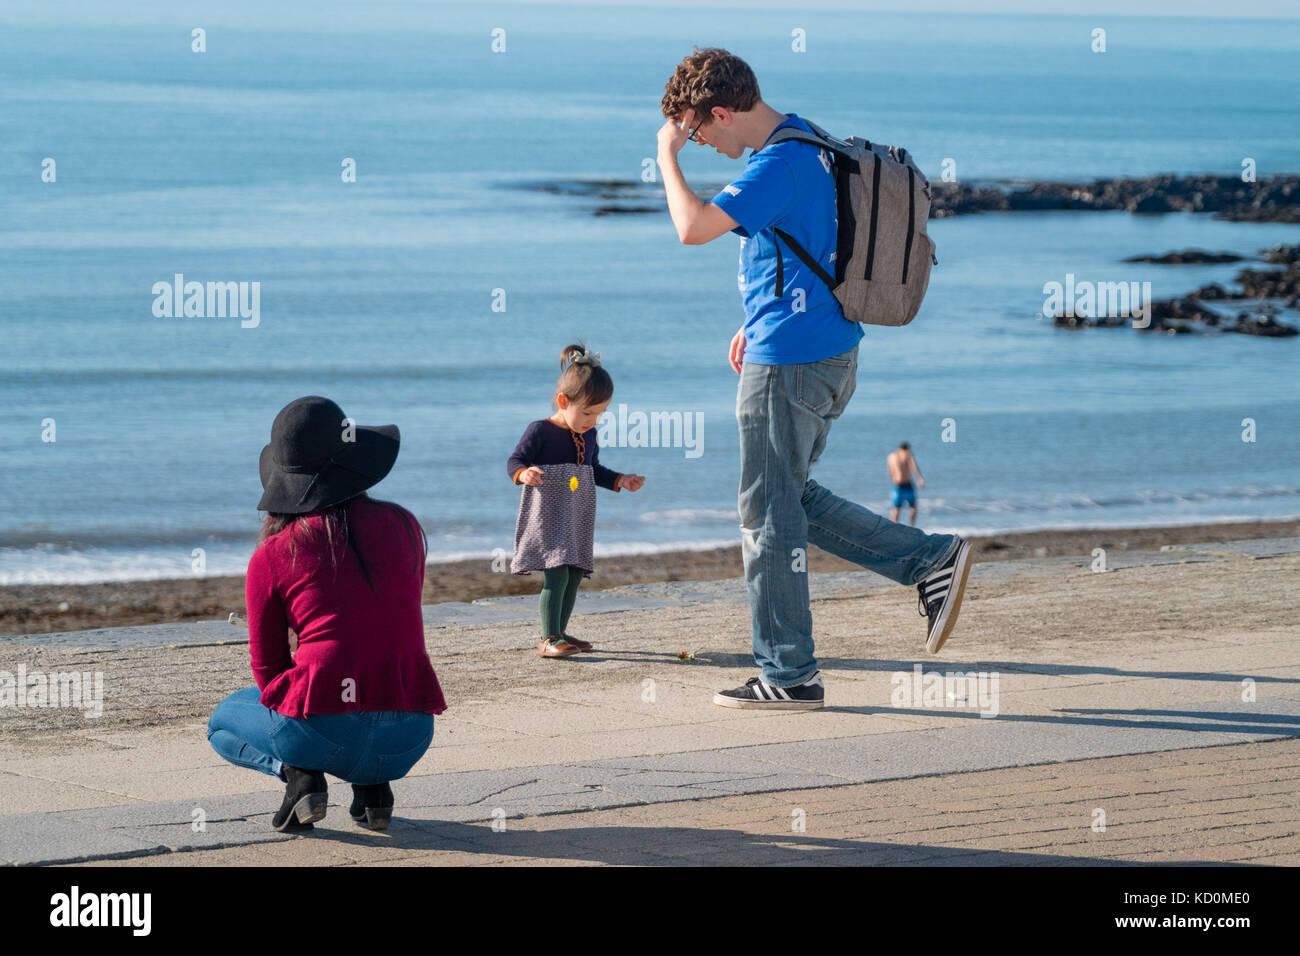 Aberystwyth Wales UK, Sunday 08 October 2017 UK Weather: People at the seaside in Aberystwyth Wales enjoying a wonderfully - Stock Image